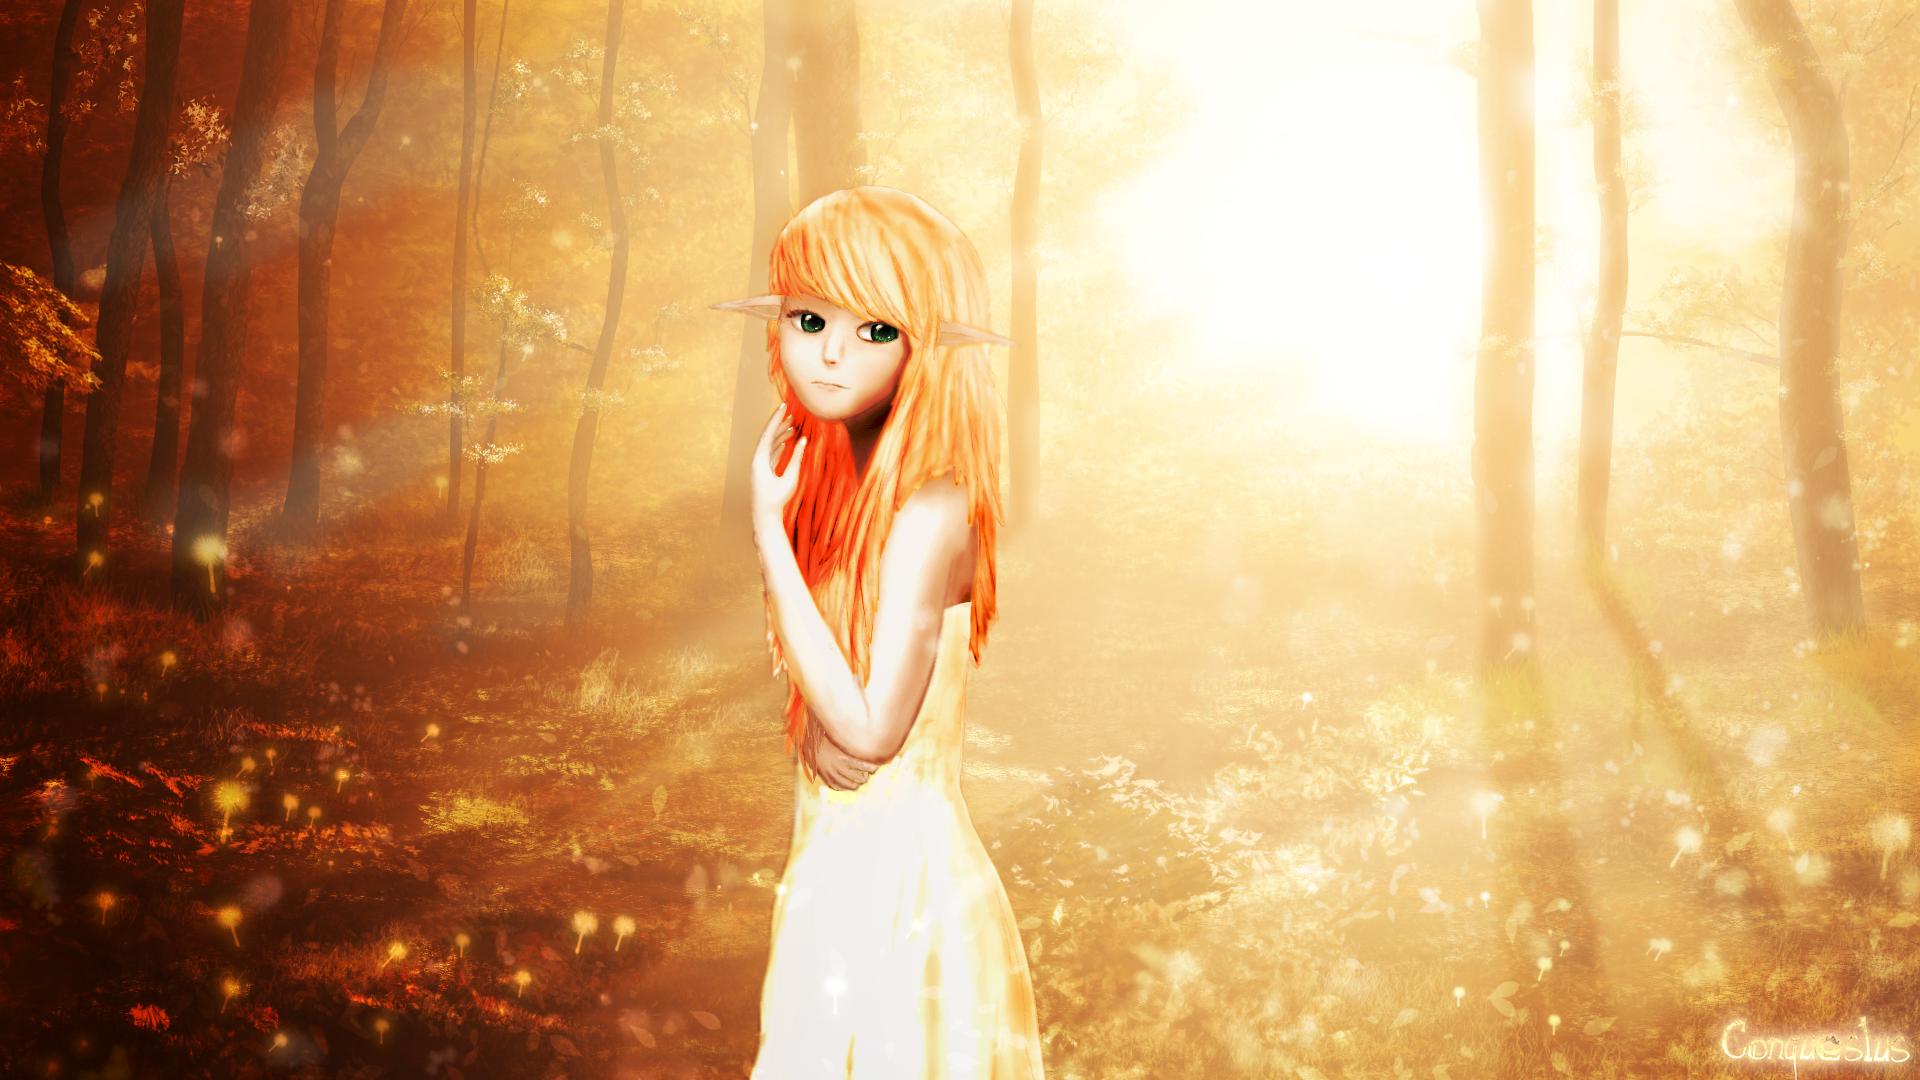 Erená in the Golden Forest